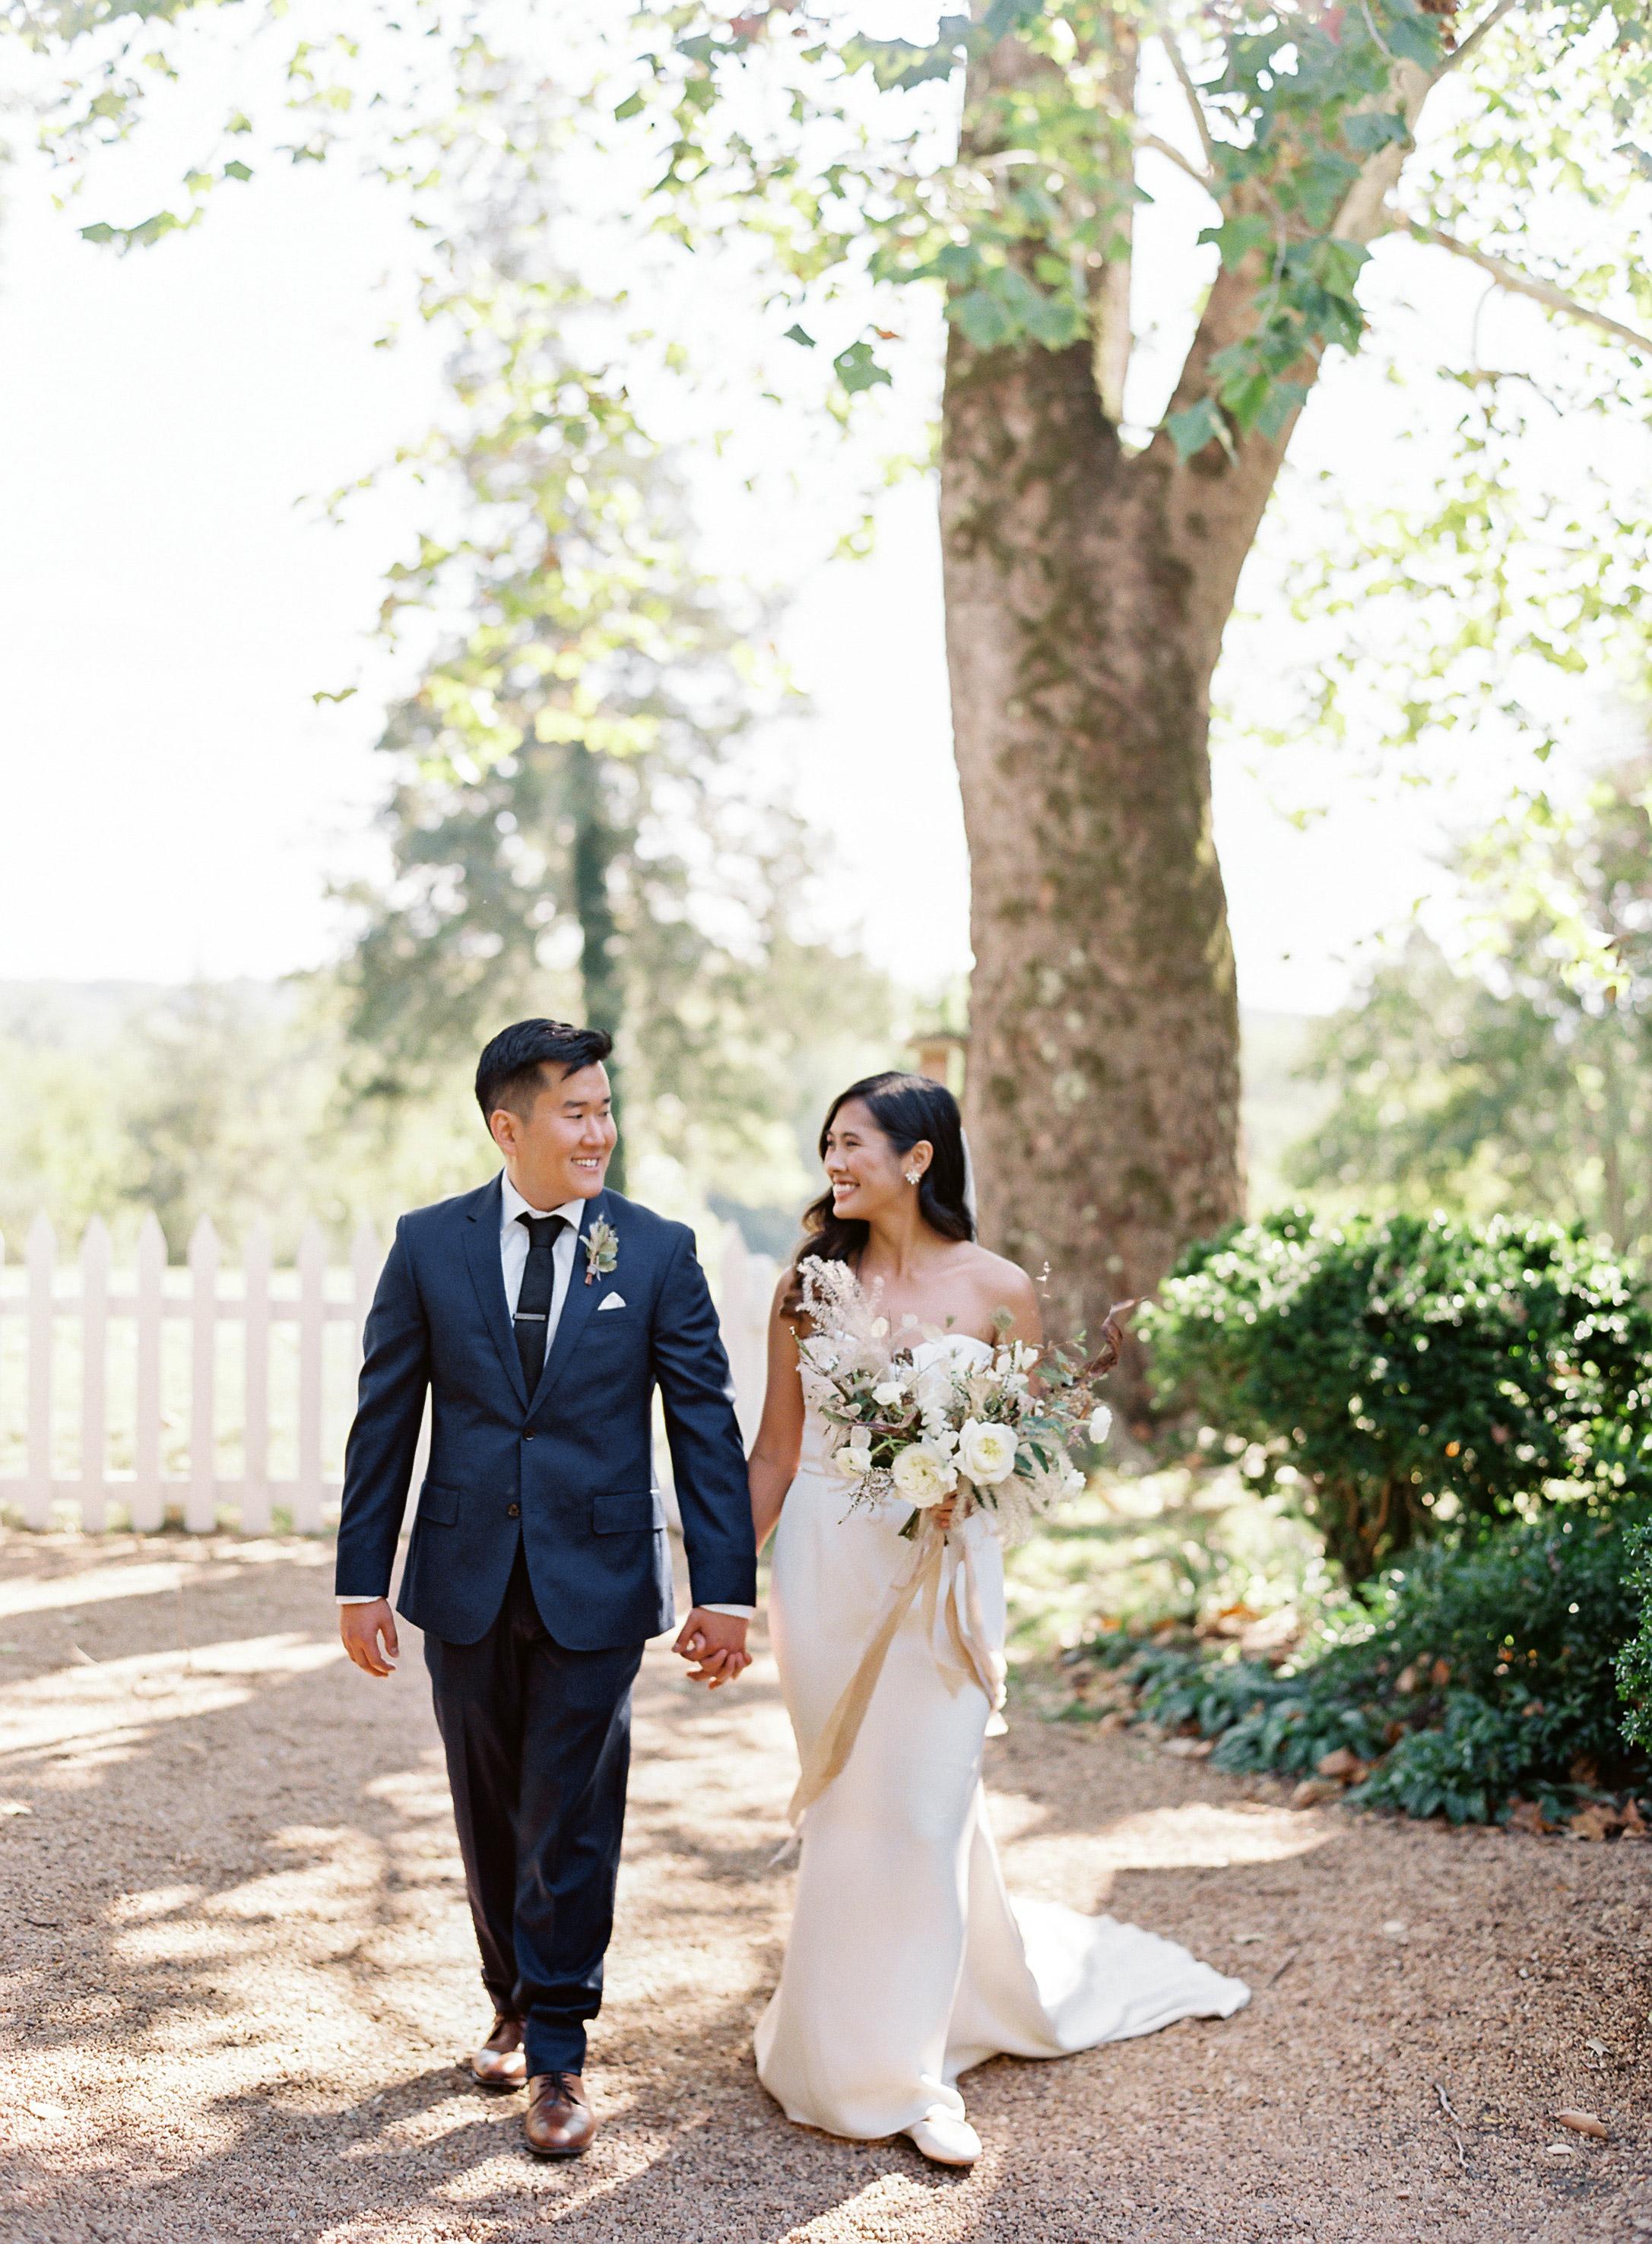 linda robert wedding couple